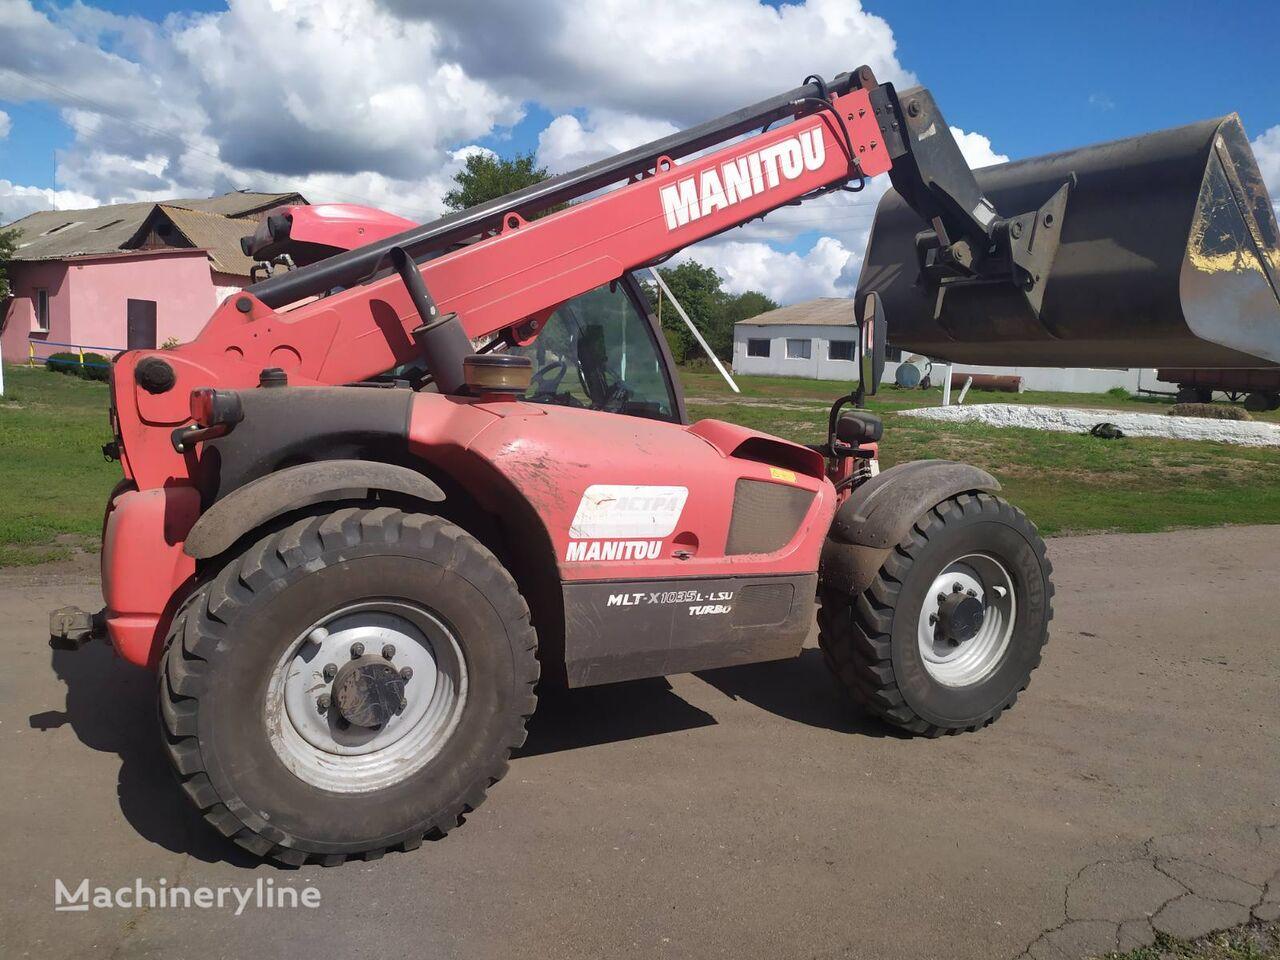 chariot télescopique MANITOU MLT-X 1035 L-LSU Turbo